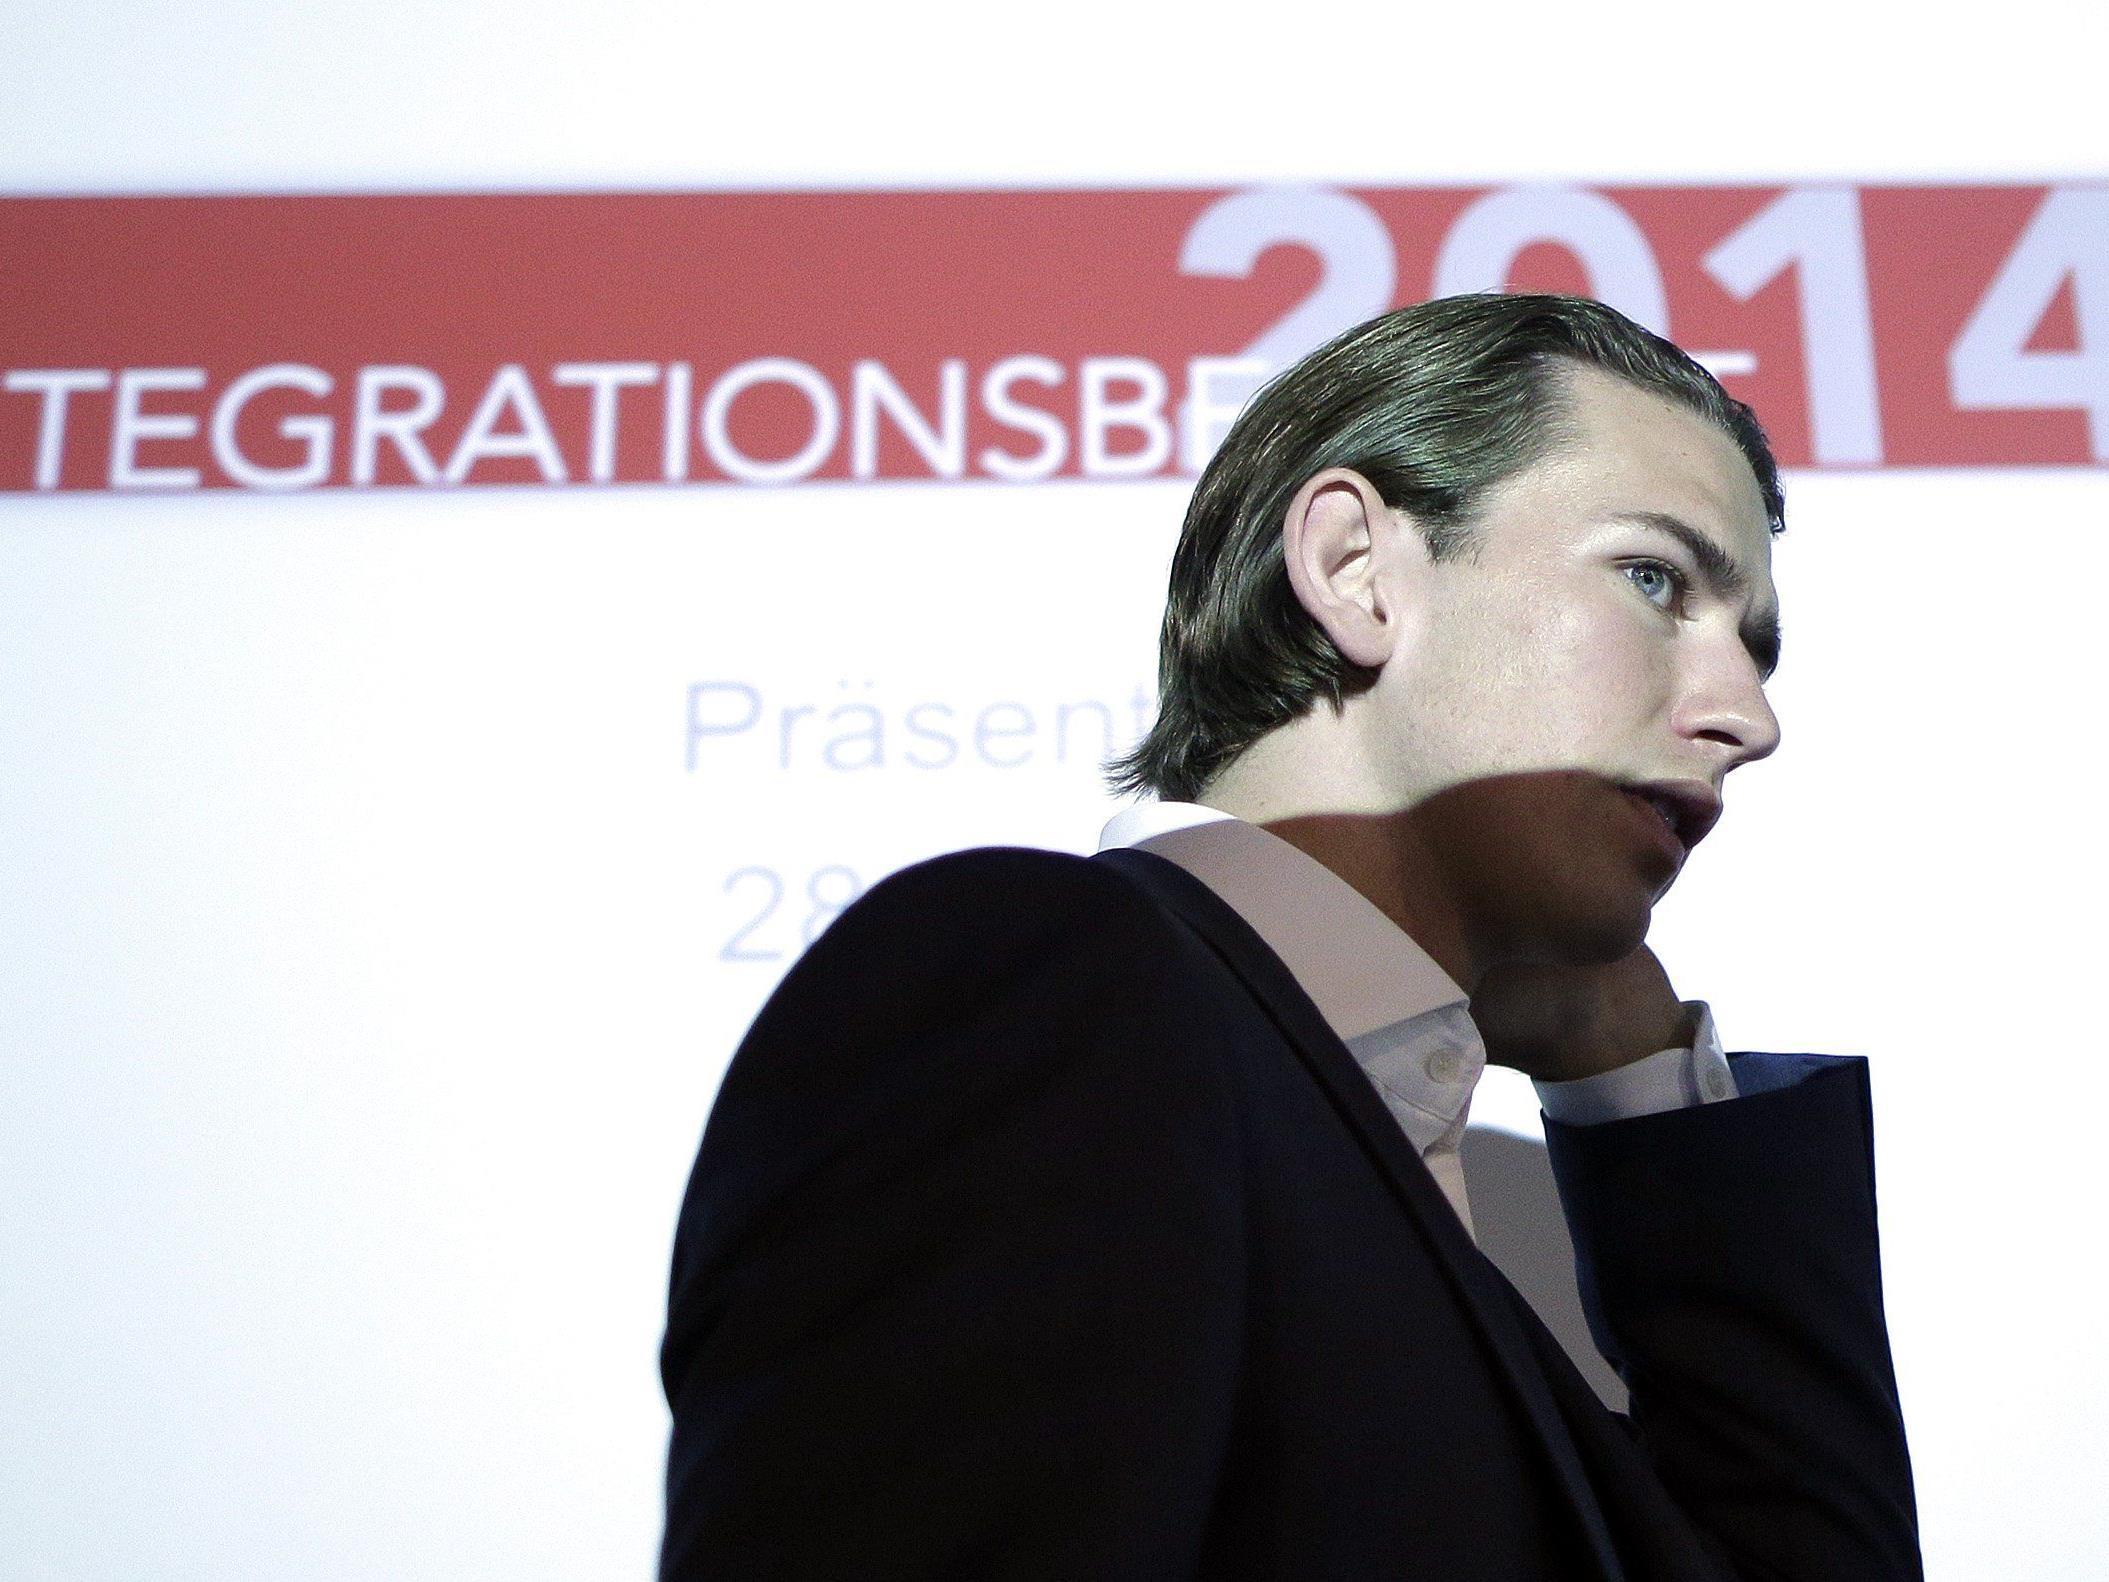 Kritik am Vorschlag von Sebastian Kurz kommt aus Vorarlberg.